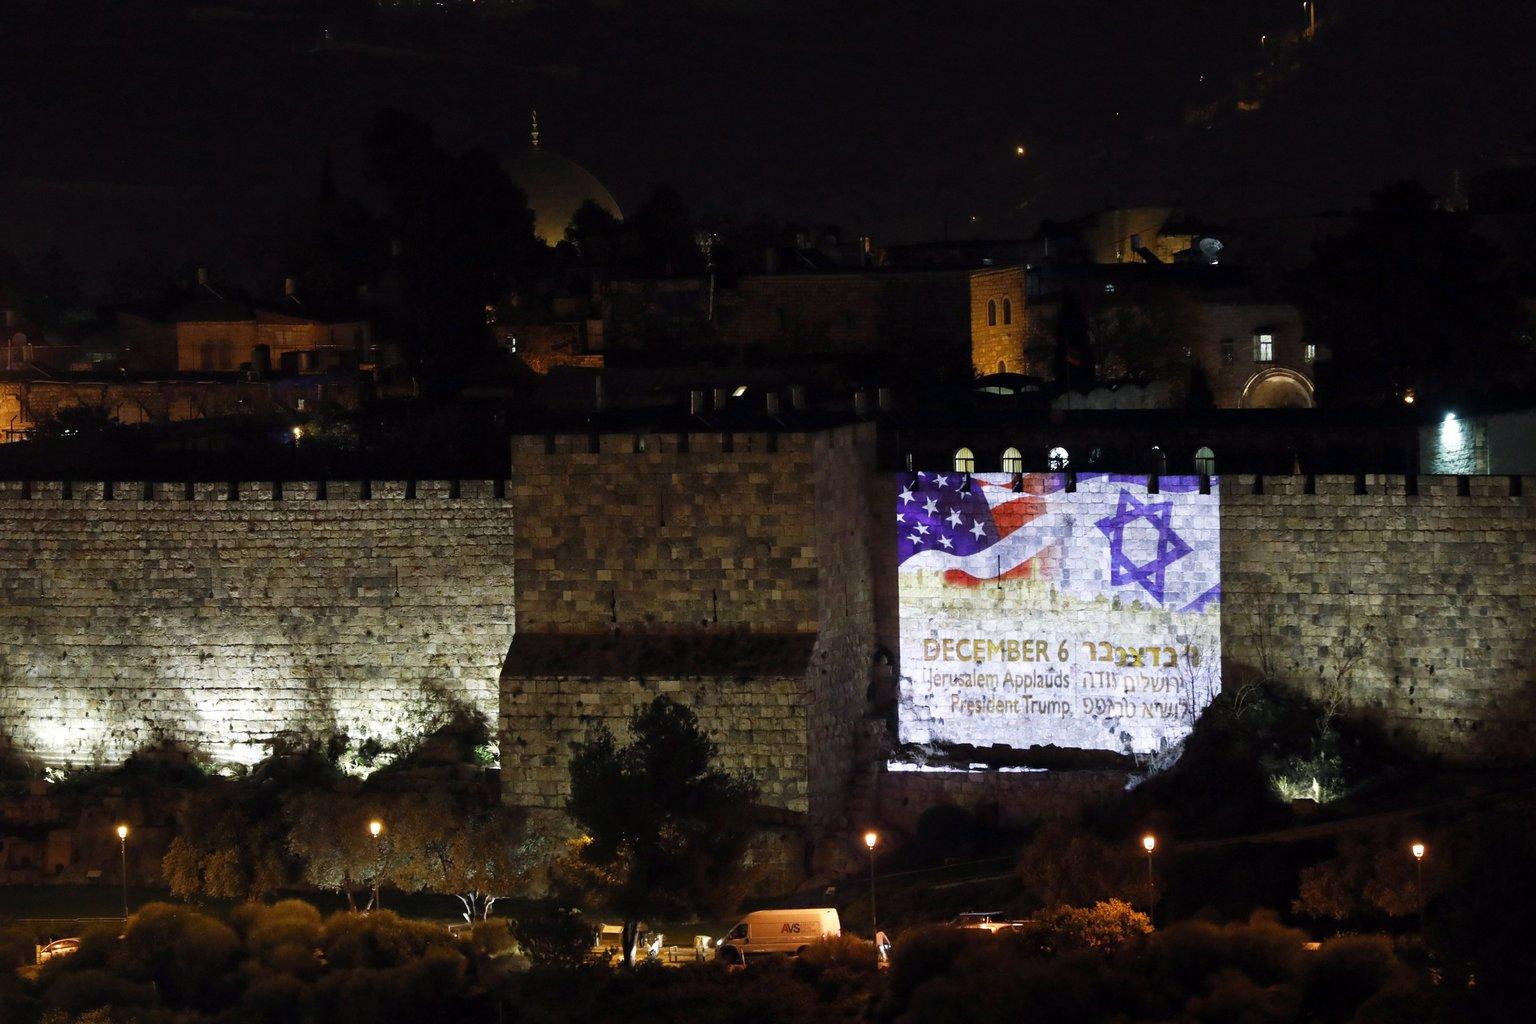 Az izraeli és az amerikai zászlót veítik a jeruzsálemi Siratófalra, miután Donald Trump amerikai elnök aláírta a Jeruzsálemet Izrael fővárosaként elismerő dekrétumot 2017. december 6-án. A fényfestésen álló felirat jelentése: Jeruzsálem megtapsolja Trump elnököt. (MTI/EPA/Abir Szultan)